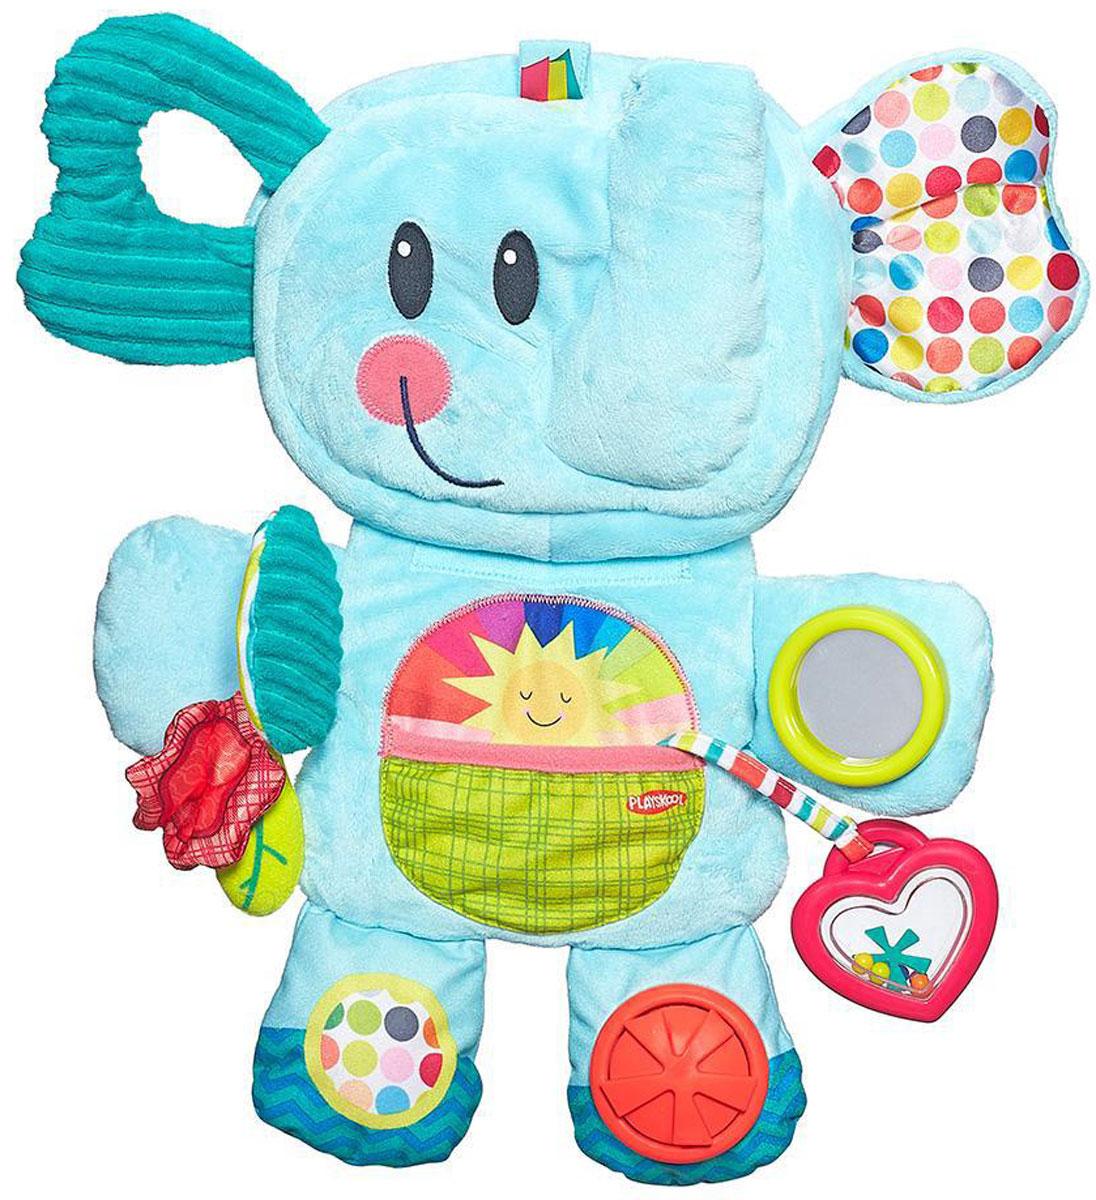 Playskool Мягкая развивающая игрушка Веселый слоникB2263EU4Мягкая развивающая игрушка Playskool Веселый слоник станет первым дружком вашего малыша. Яркий цвет игрушки, множество различных шуршащих и гремящих деталей, которые можно нажать, покрутить, потрогать, привлекут внимание ребенка. Зеркальце, прикрепленное на лапке слоника, даст возможность малышу увидеть свое отражение или поймать солнечного зайчика. А чтобы у крохи не болели десны, у слоника есть прорезыватель. Игрушка складывается в небольшую сумочку и ее можно брать с собой куда угодно! Ребенок в процессе игры может развивать мелкую моторику, тактильные ощущения. Порадуйте своего малыша такой милой игрушкой!